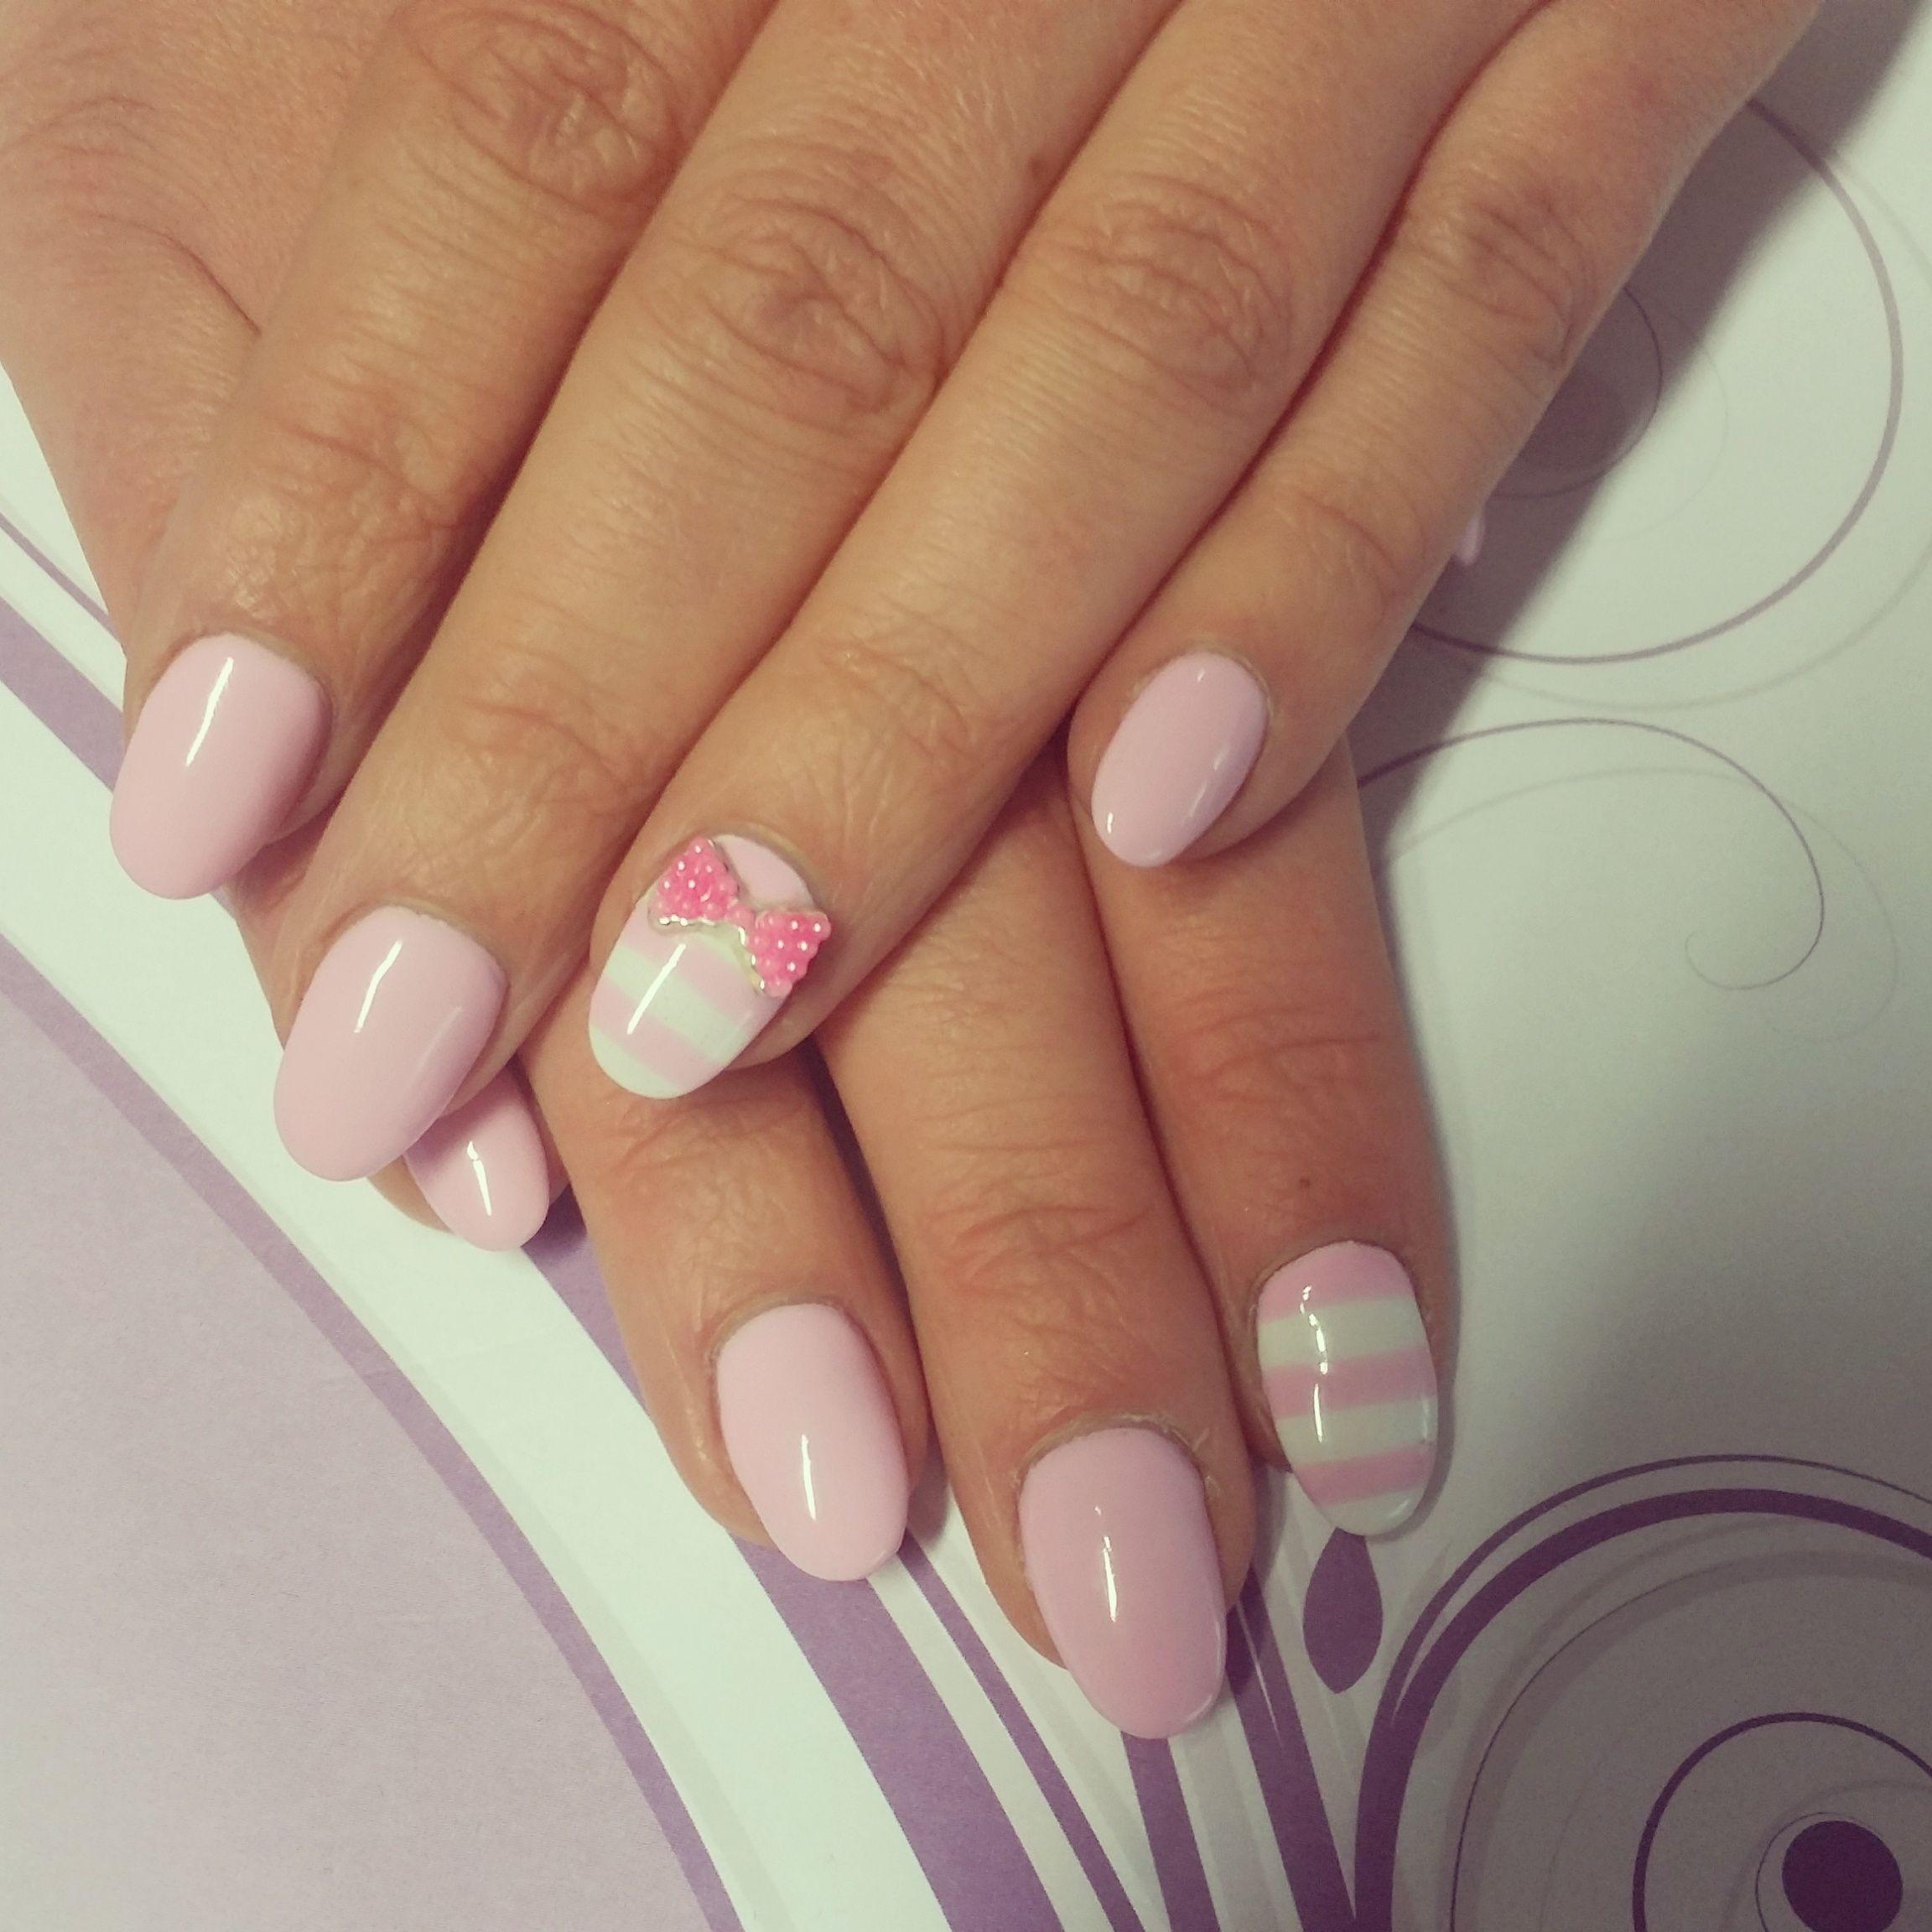 Verspielt und österlich! #GDN #gdn.de #naildesign #nails ...